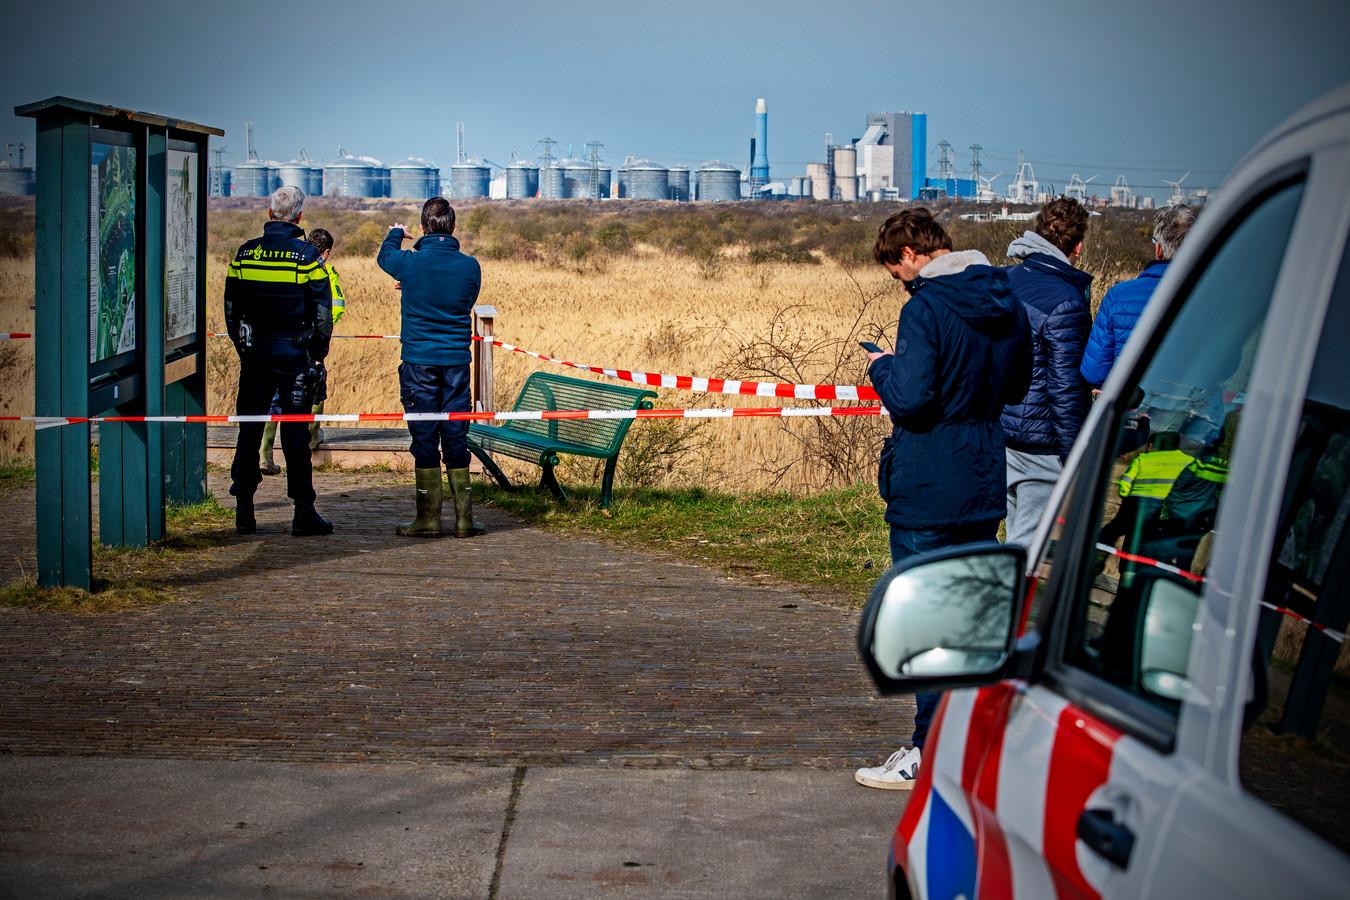 Bij Hotel Wapen van Marion in de duinen in Oostvoorne is een stoffelijk overschot aangetroffen de politie doet onderzoek. Foto: Frank de Roo